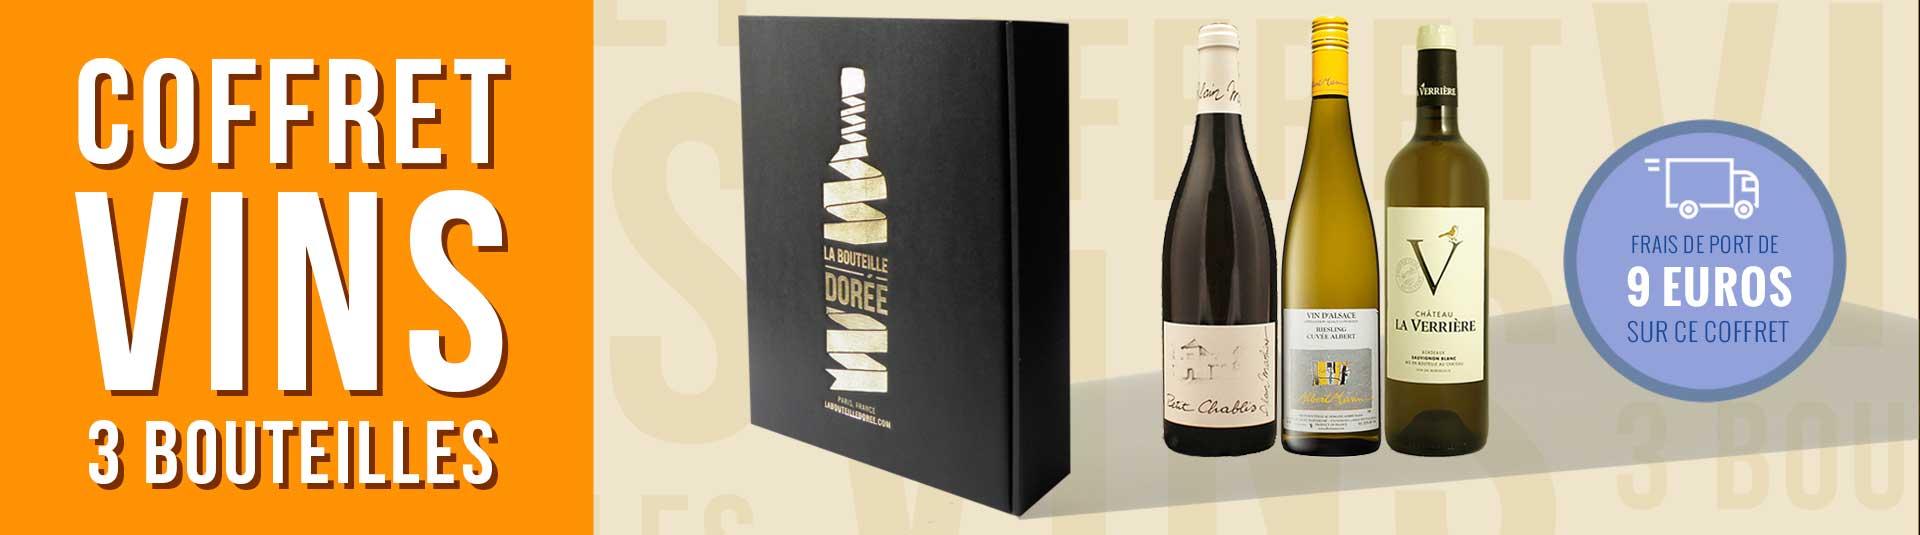 Coffret vin blanc Découverte 3 bouteilles